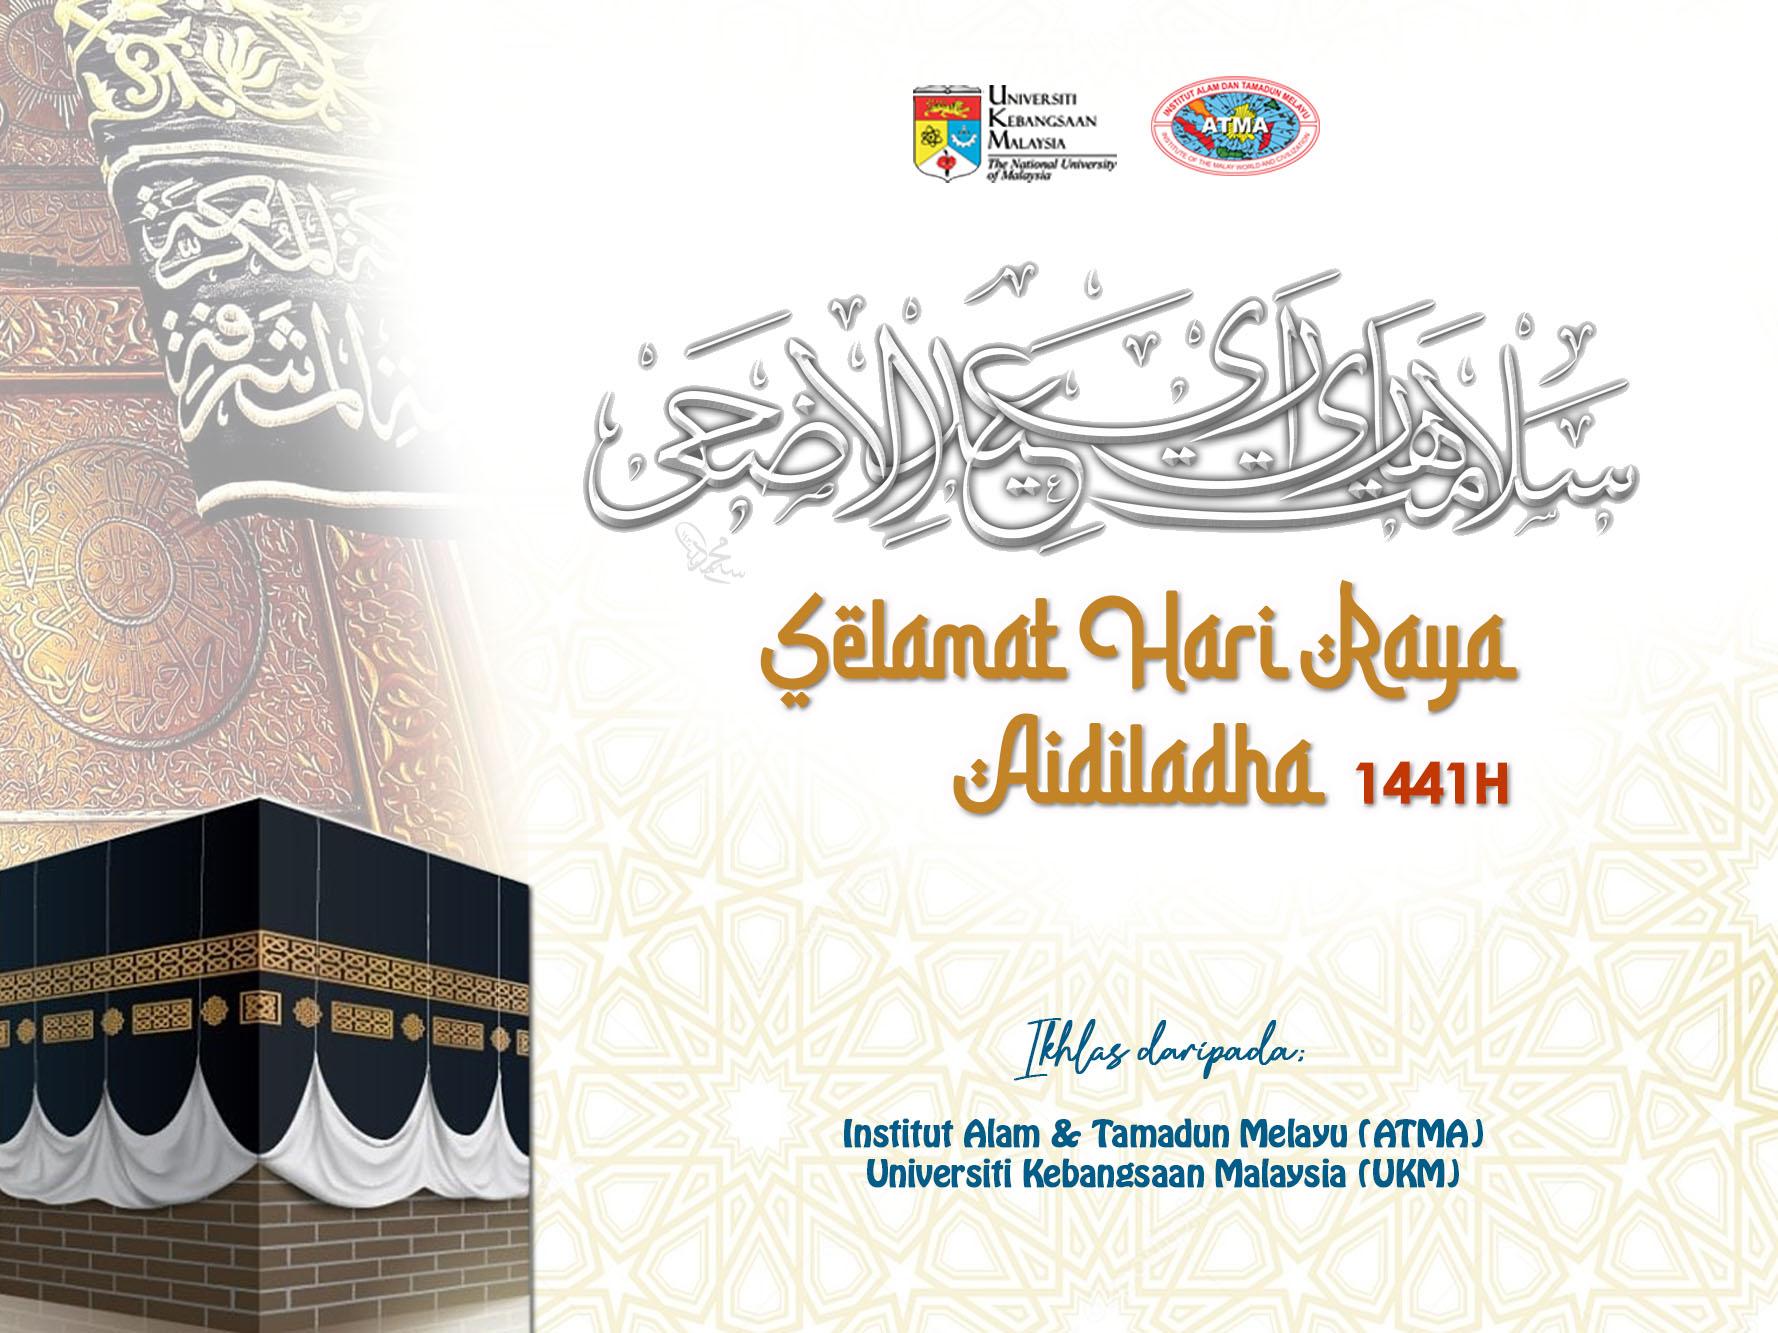 Selamat Hari Raya Aidiladha 2020 1441h Institut Alam Dan Tamadun Melayu